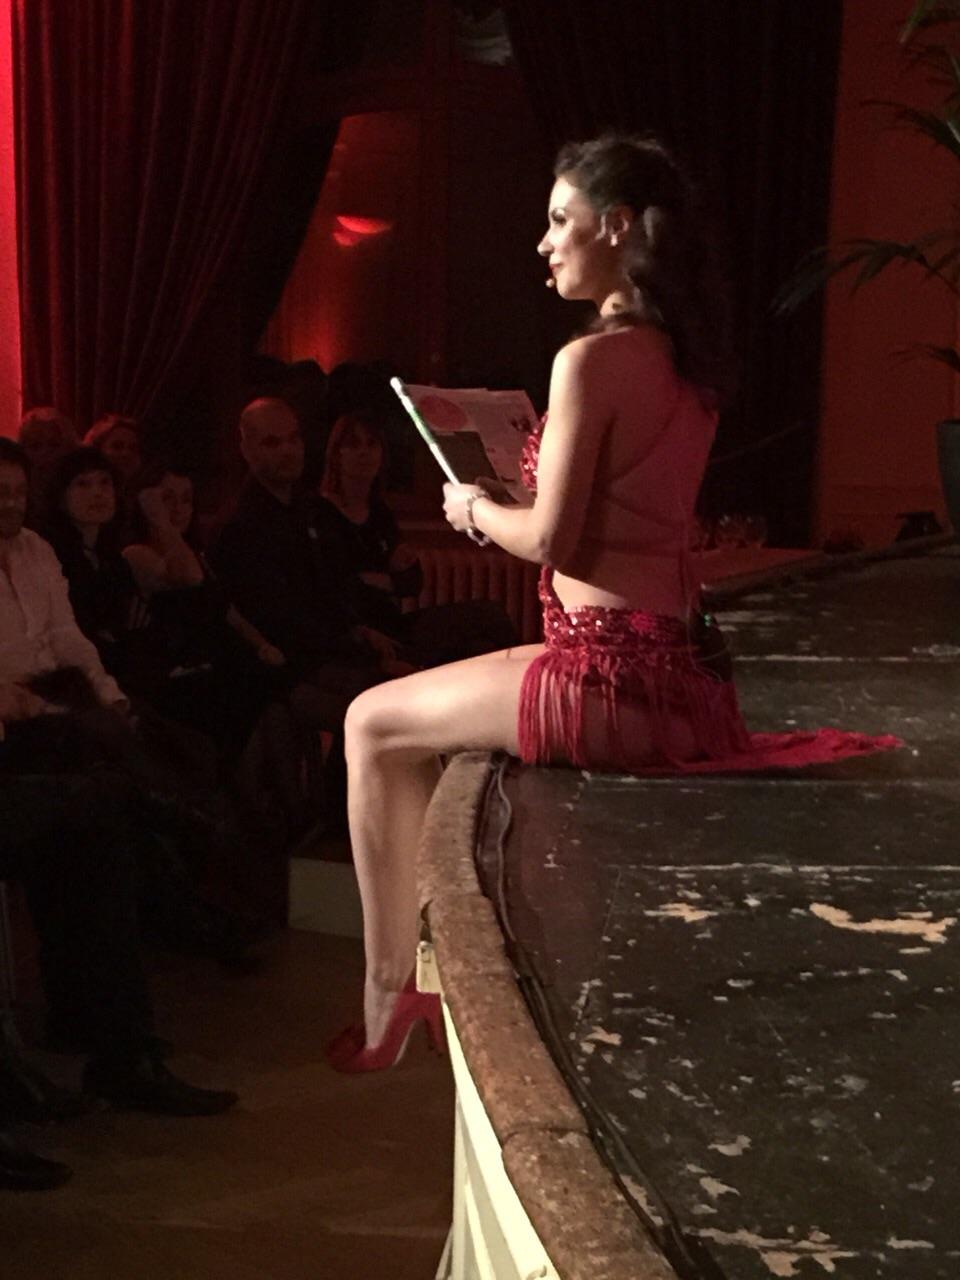 Cabaret Morges December '14